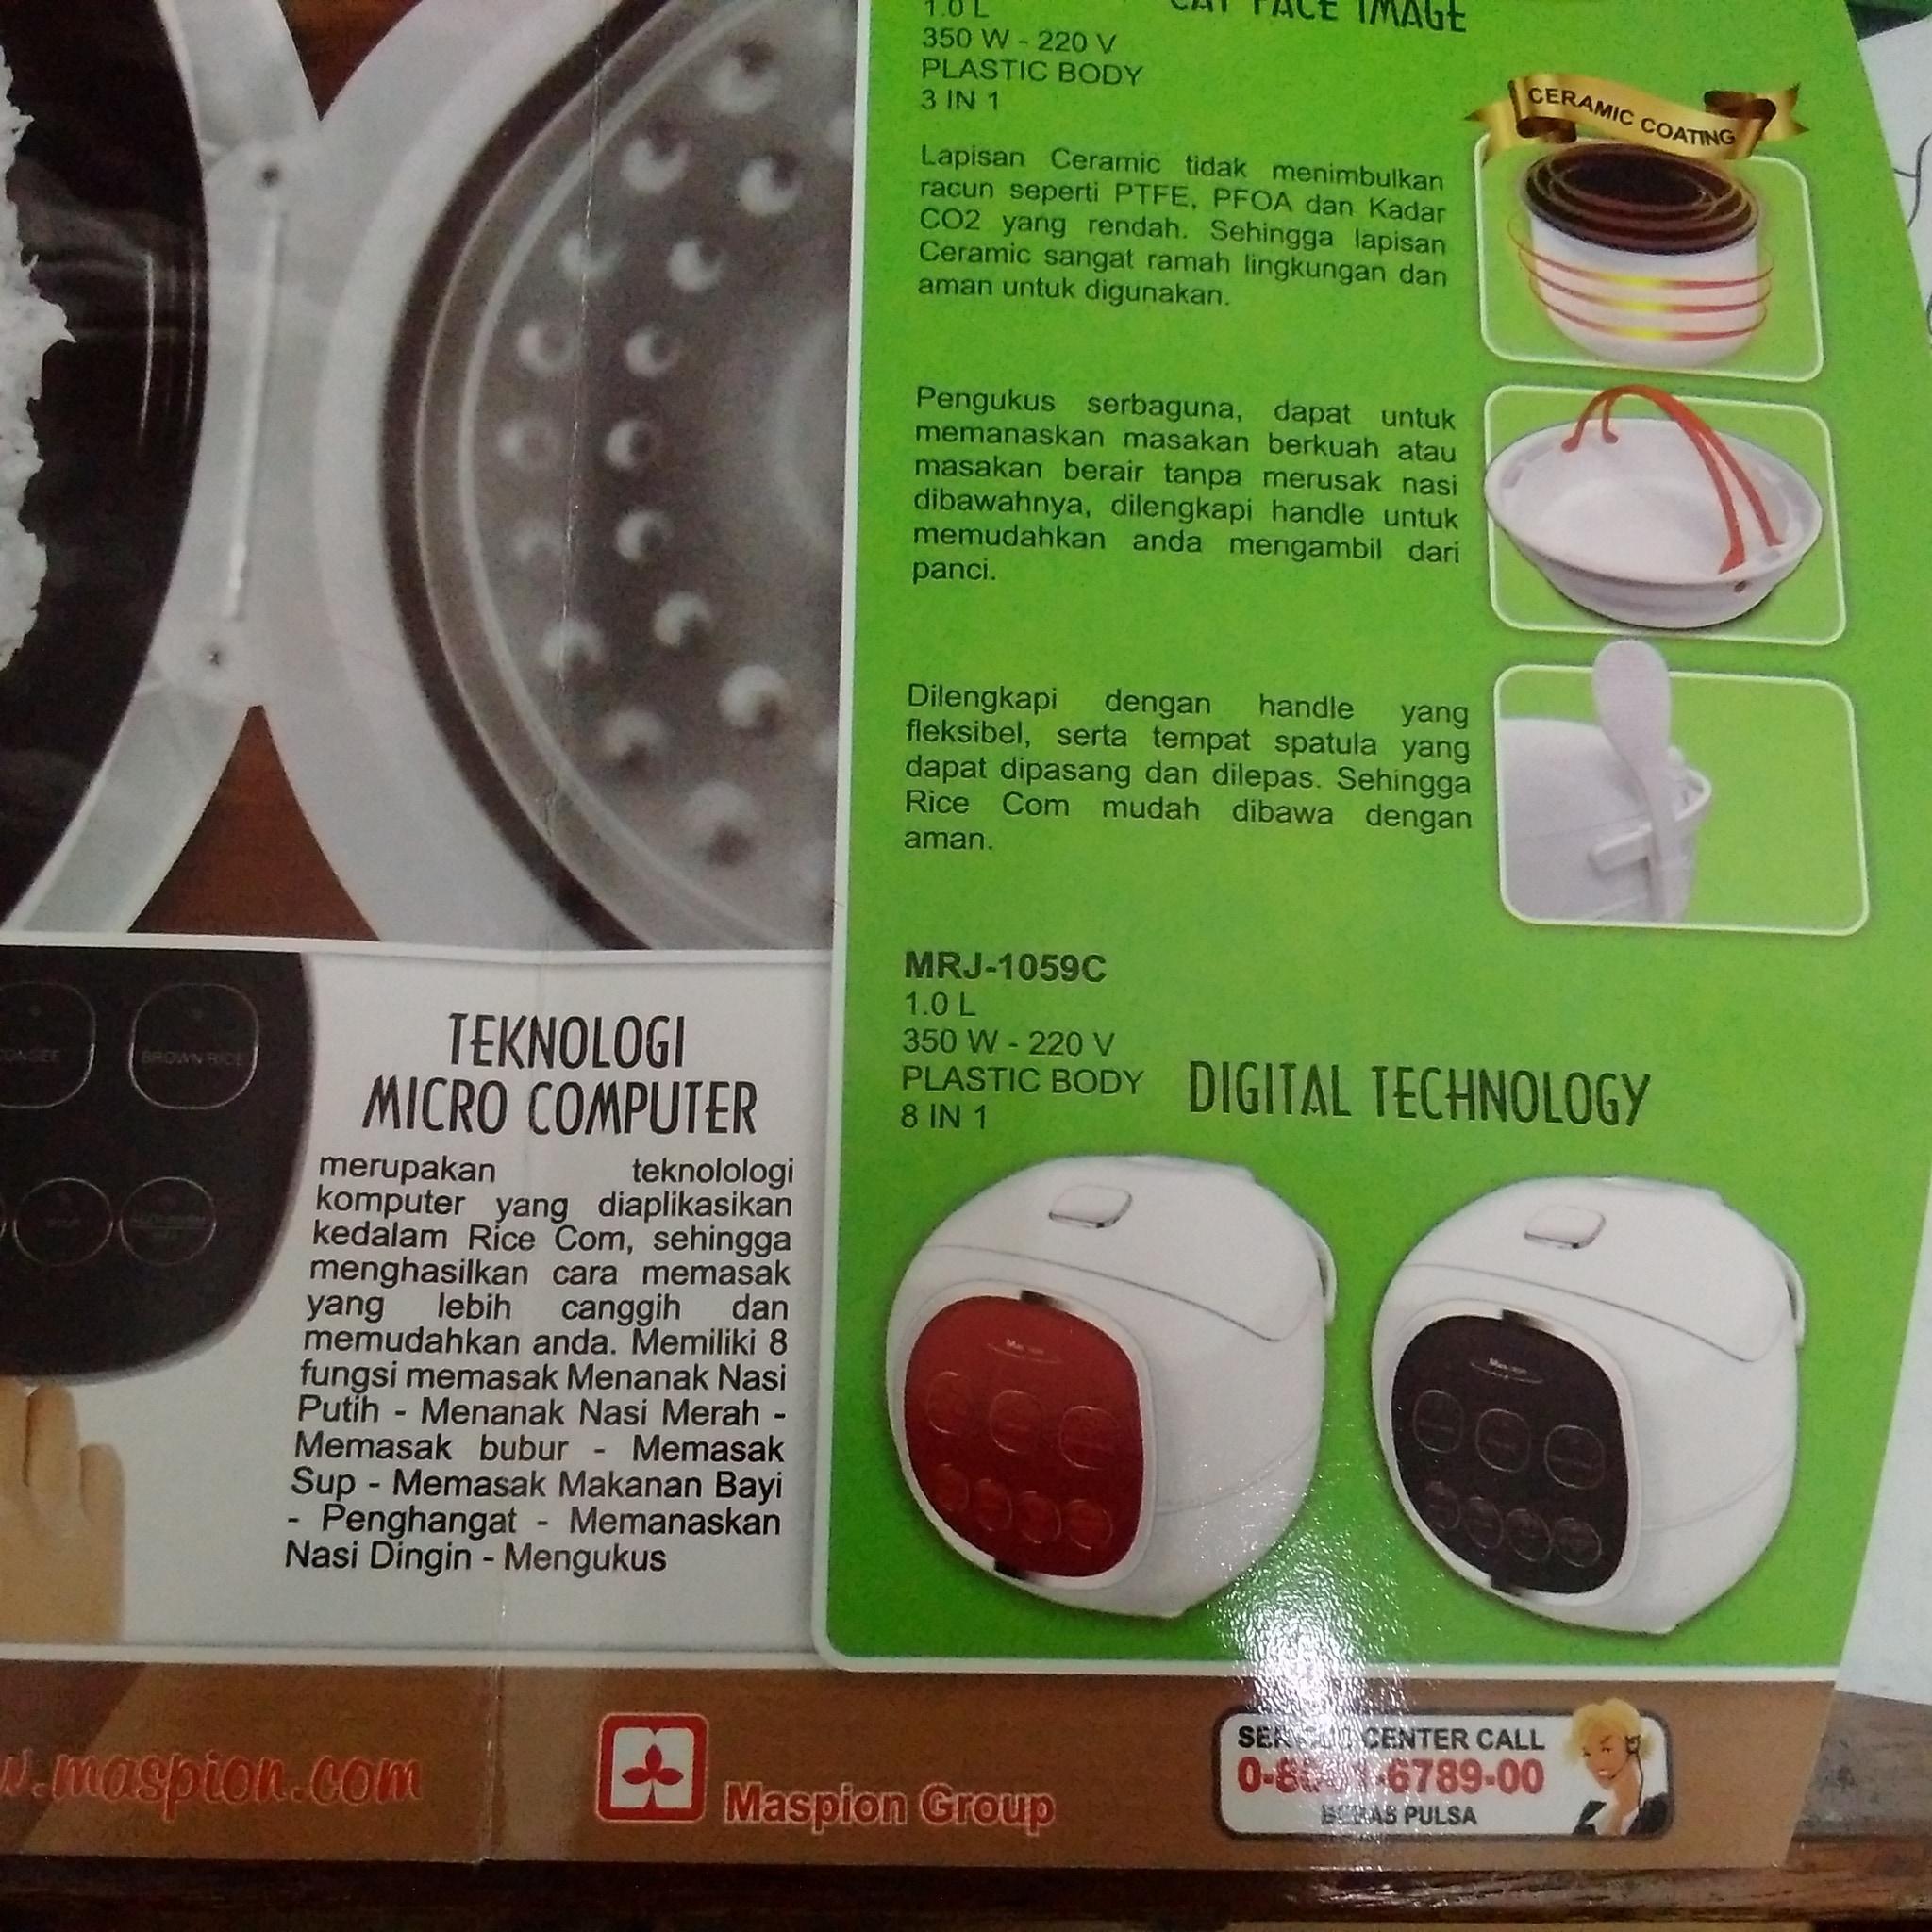 Sakura Motif Batik Cover Rice Cooker Daftar Harga Terbaru Cmos Magic Com 12l Crj10lj Jual Series Digital Technology Mrj 1059c Maspion Bakul Serba Ada